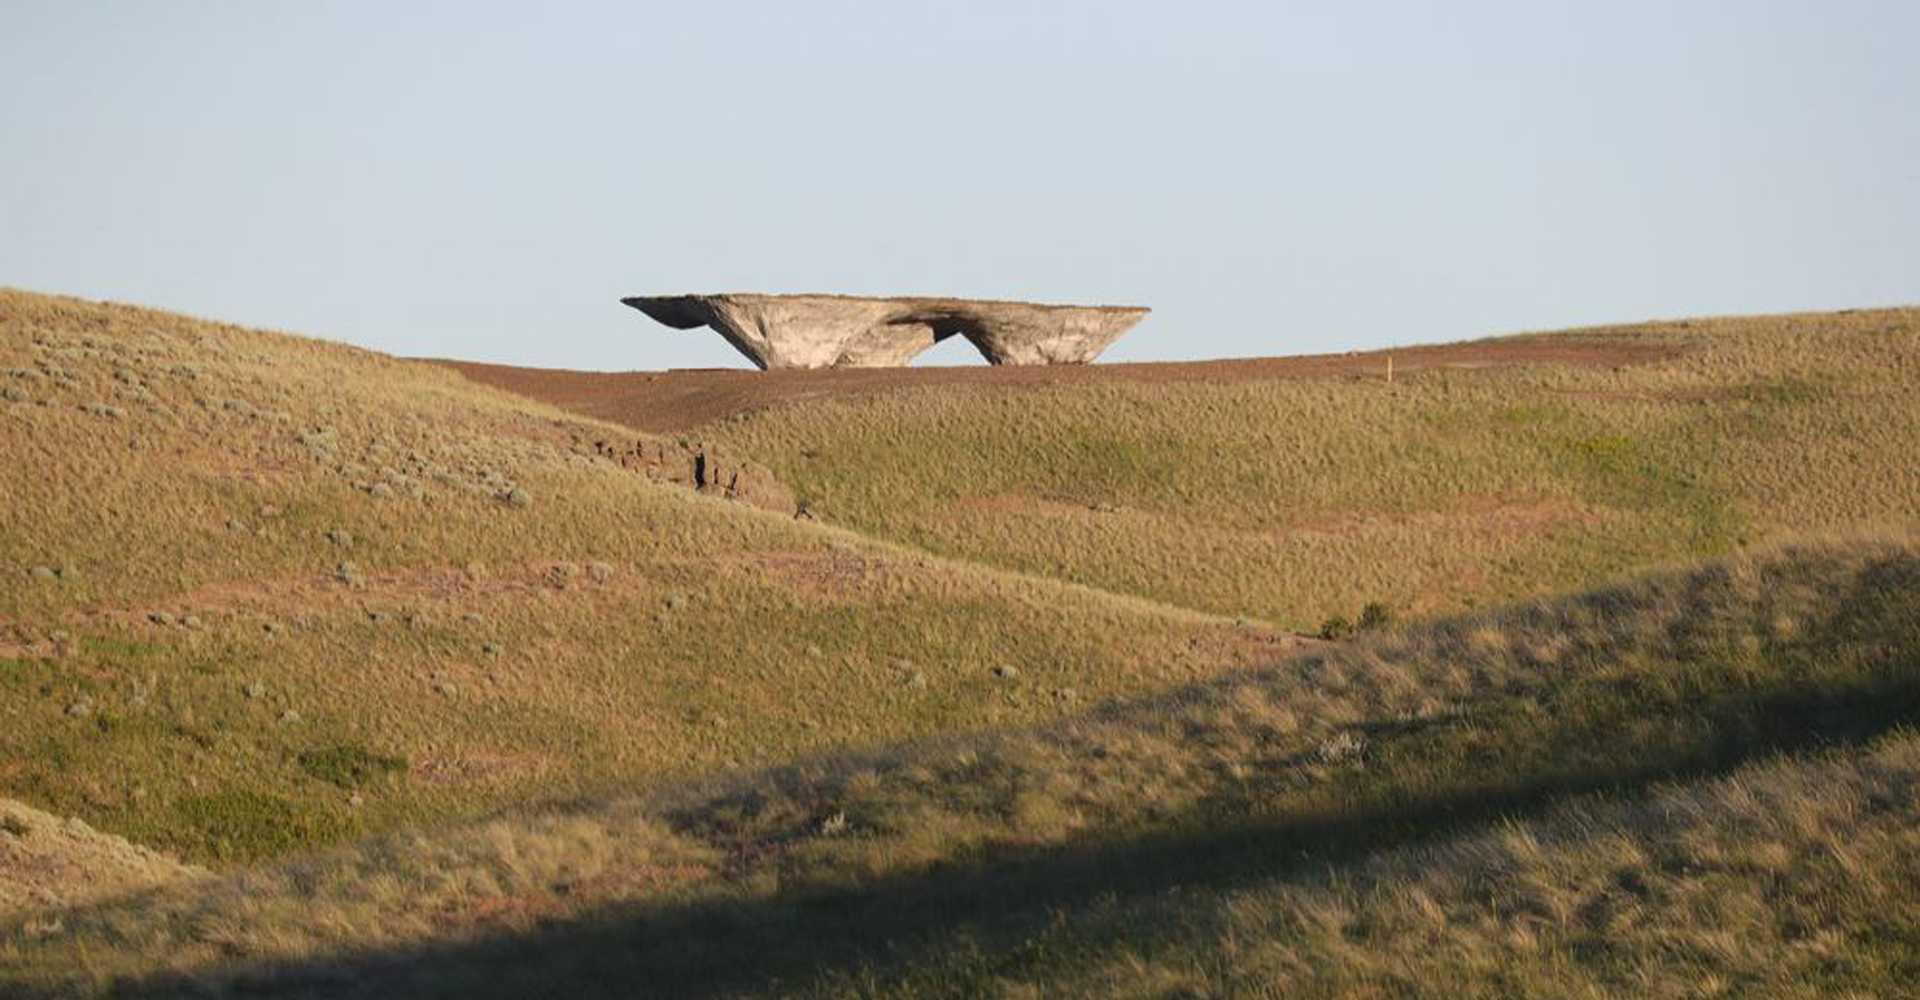 Domo, Landscape Structures  - 55 01 30